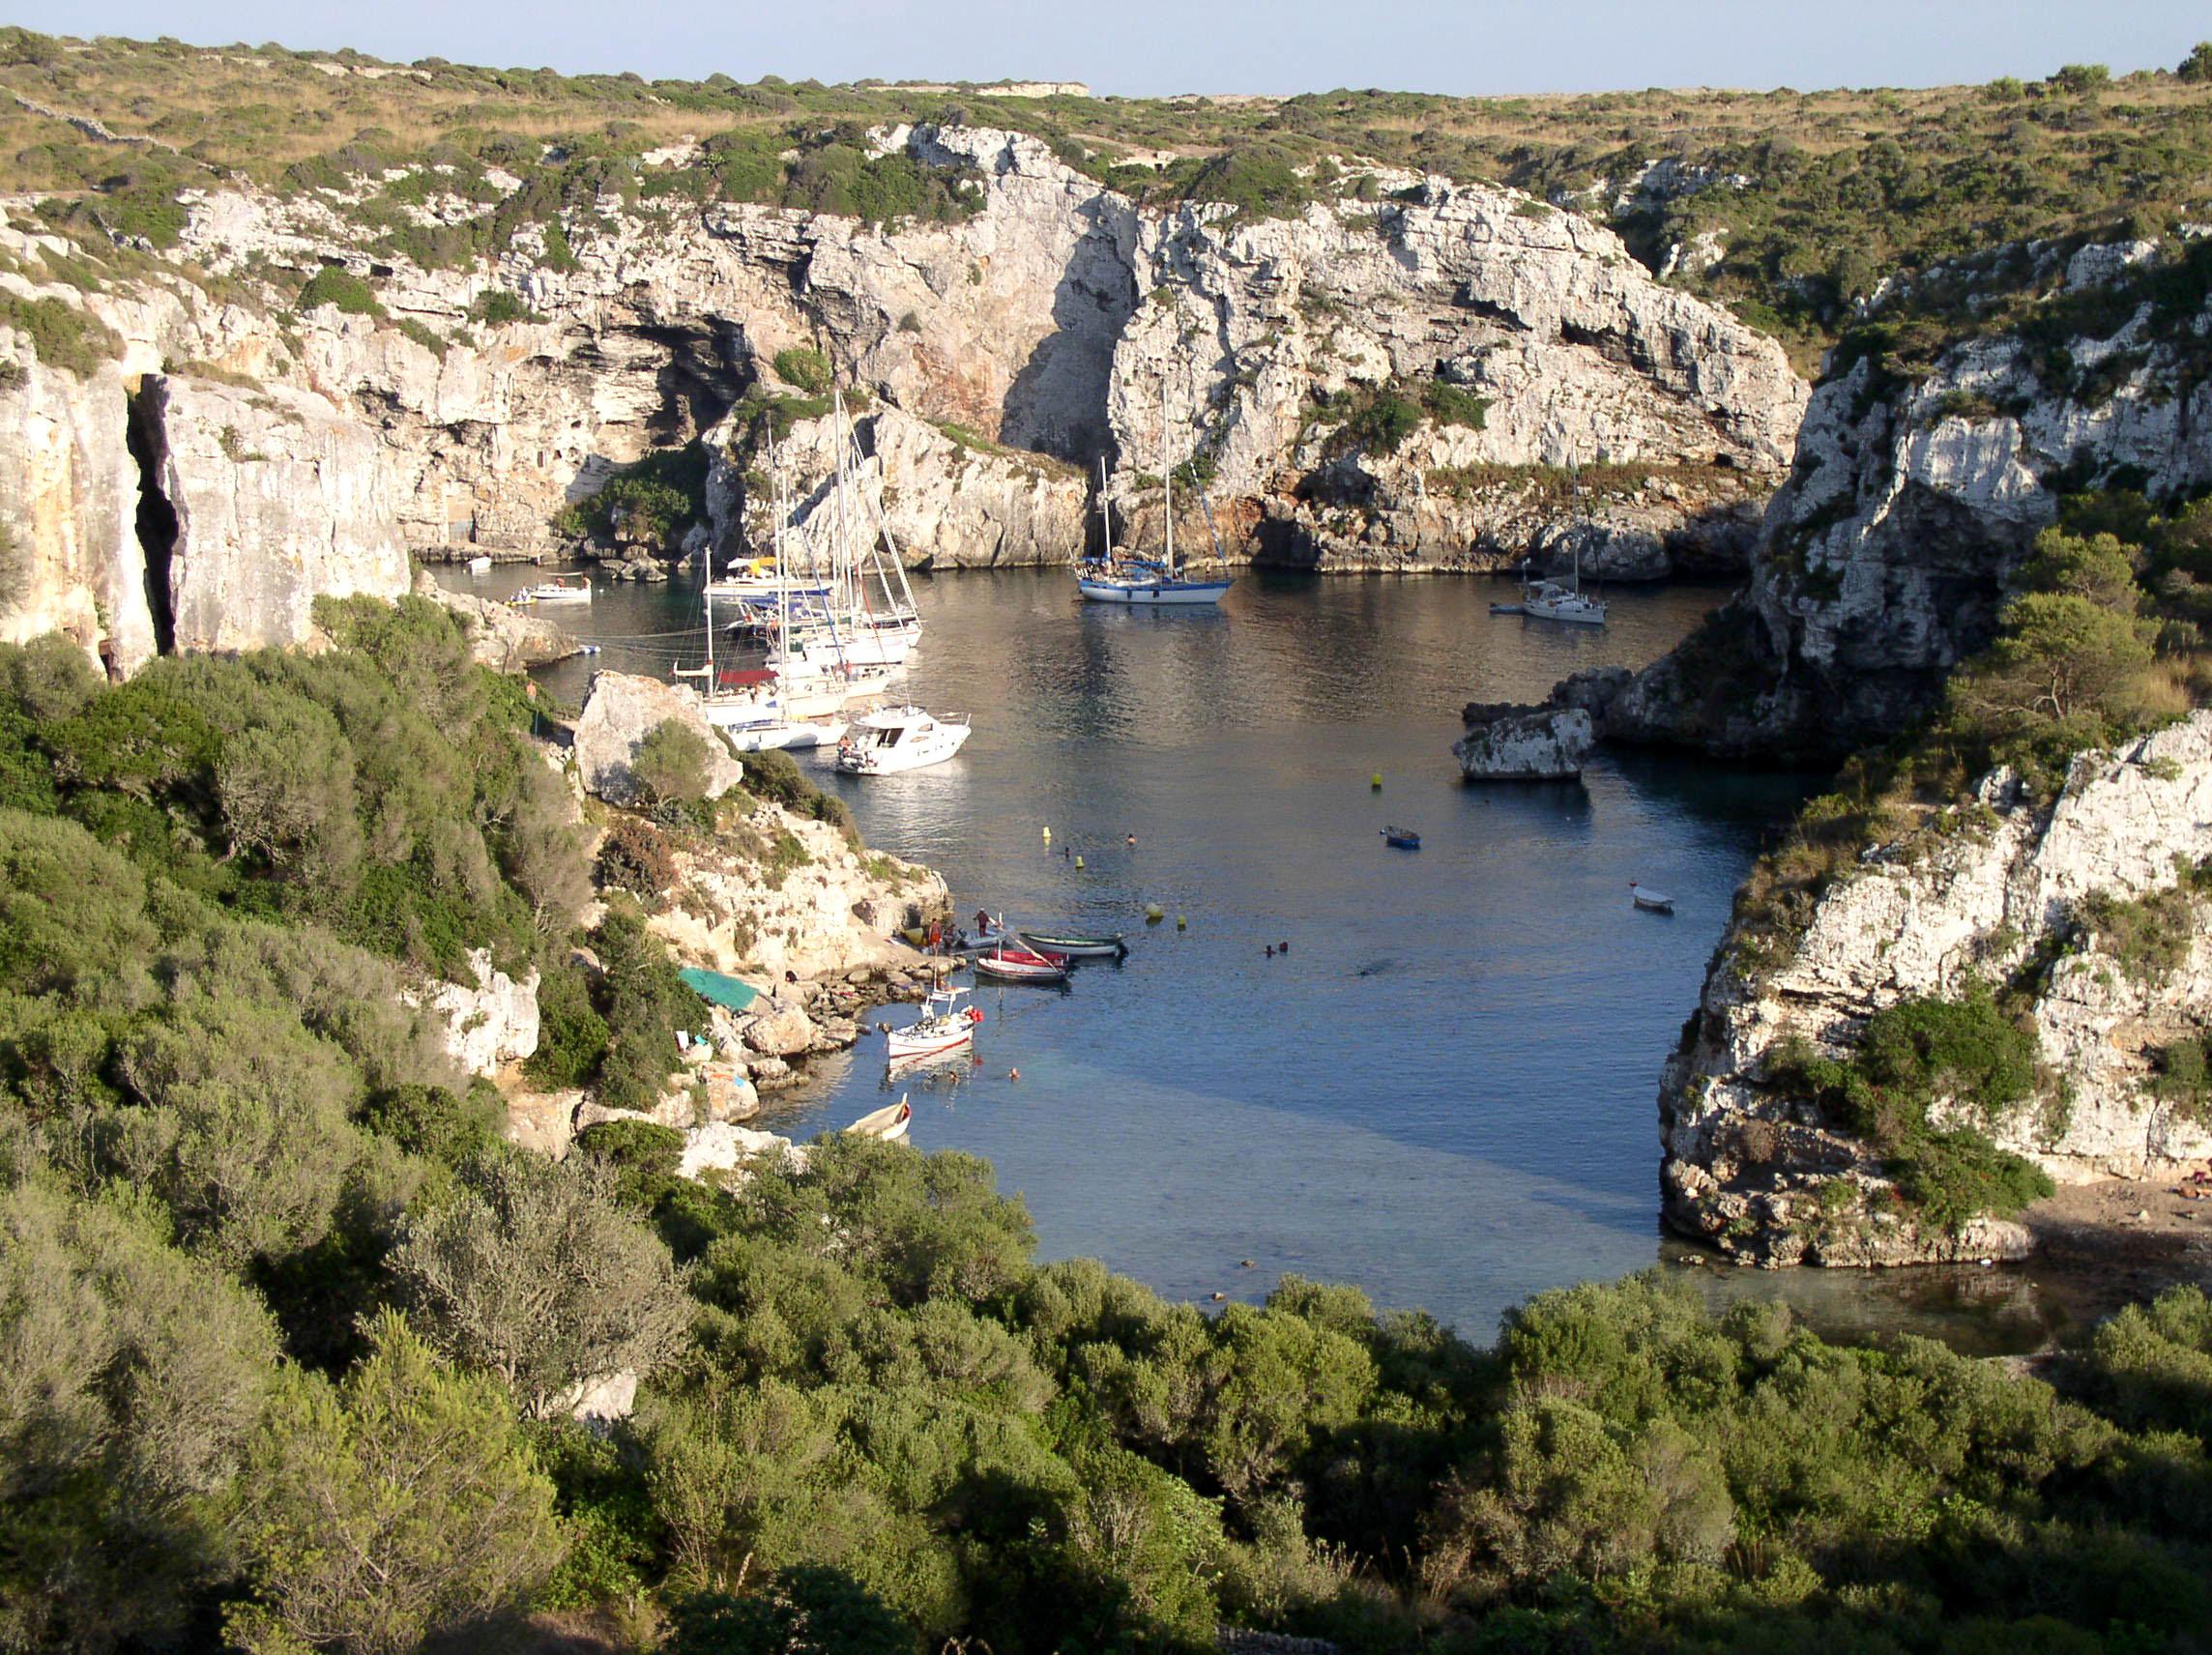 Noleggio Barche Cala Covas – Isola di Minorca - Navalia | Noleggia un Sogno